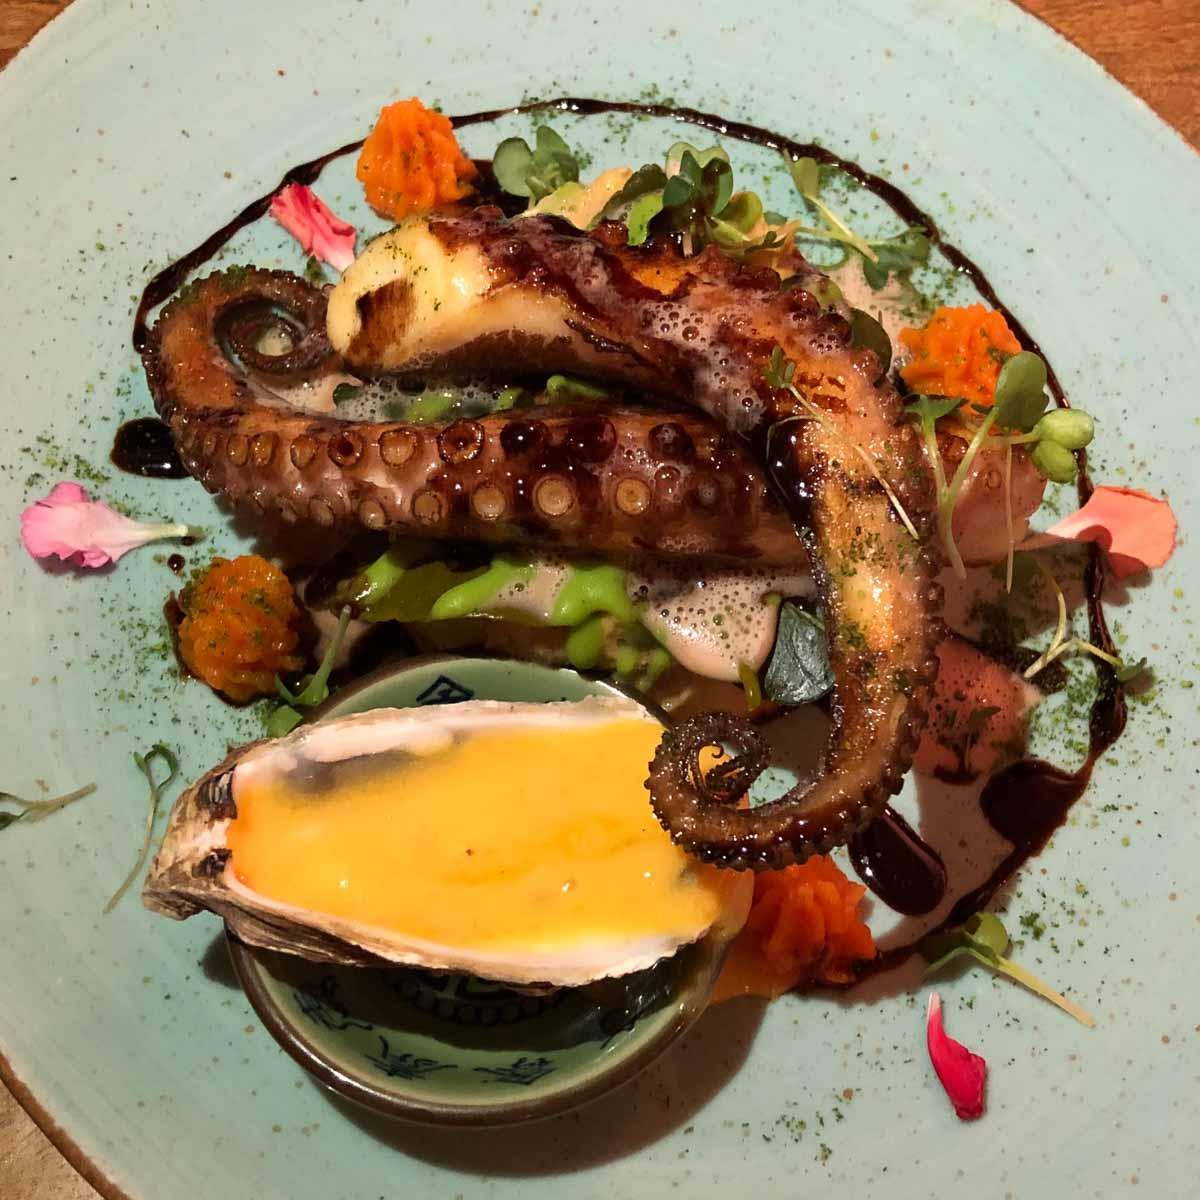 Octopus im Restaurant La Mezcla